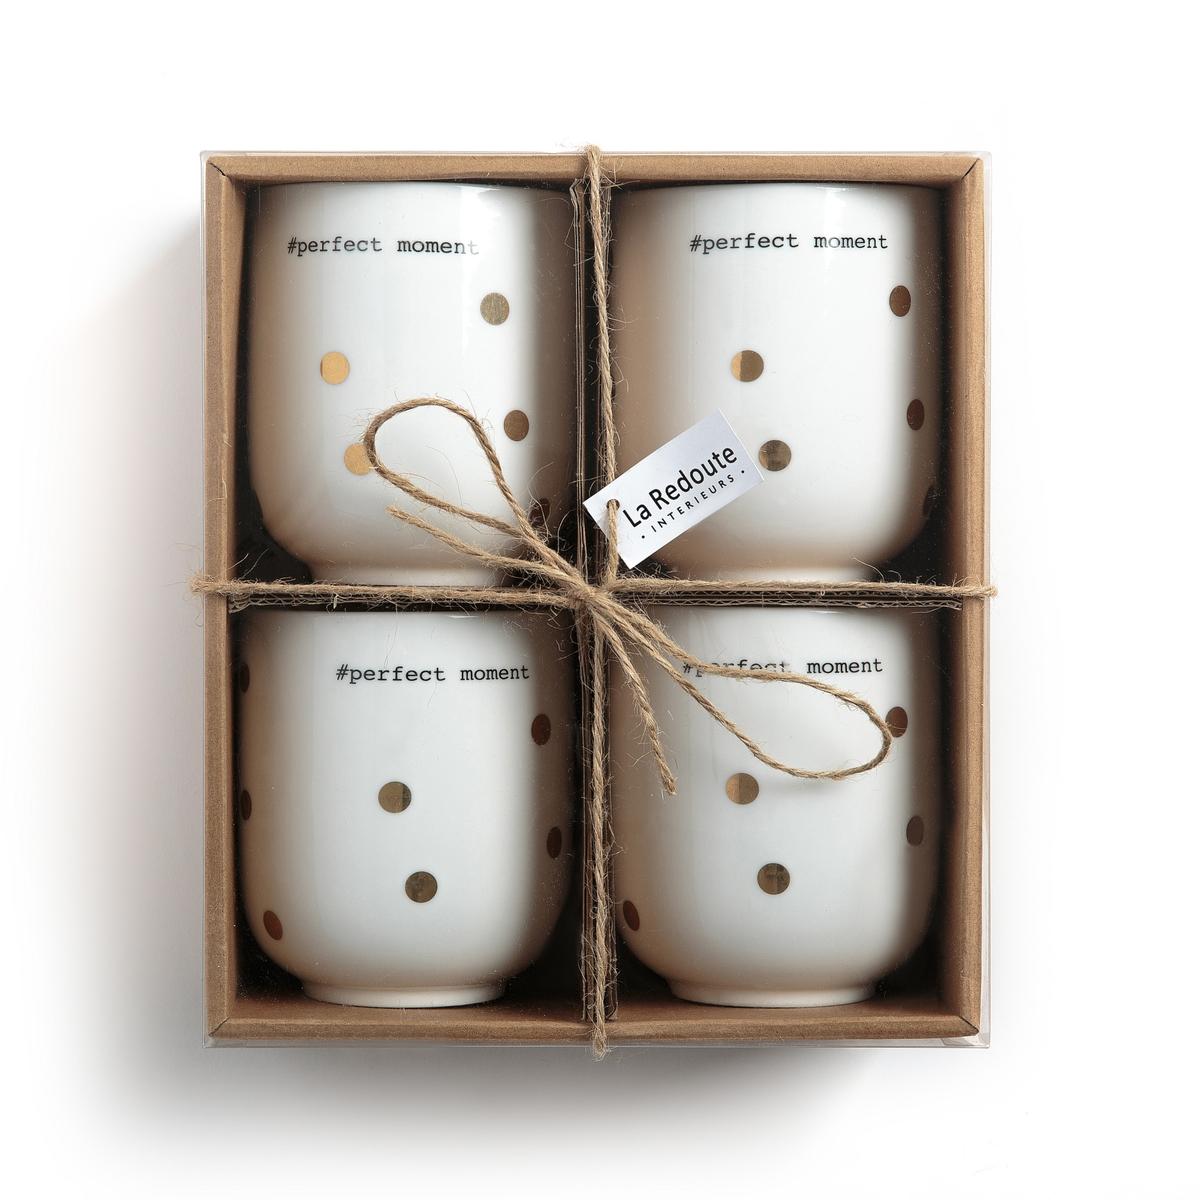 4 чашки для травяного чая из фарфора, Kubler4 чашки для травяного чая из фарфора Kubler, La redoute Int?rieurs. Праздничный рисунок в золотистый горох и надпись #perfect moment.                                               Характеристики 4 чашек для травяного чая из фарфора Kubler:- Чайные чашки из фарфора- Диаметр: 8 см- Высота: 9,5 см- Объем: 360 мл - Рекомендовано мыть вручную .- Не подходят для микроволновой печи- Продаются в комплекте из 4 штук Найдите коллекцию из фарфора Kubler на нашем сайте.<br><br>Цвет: в горошек